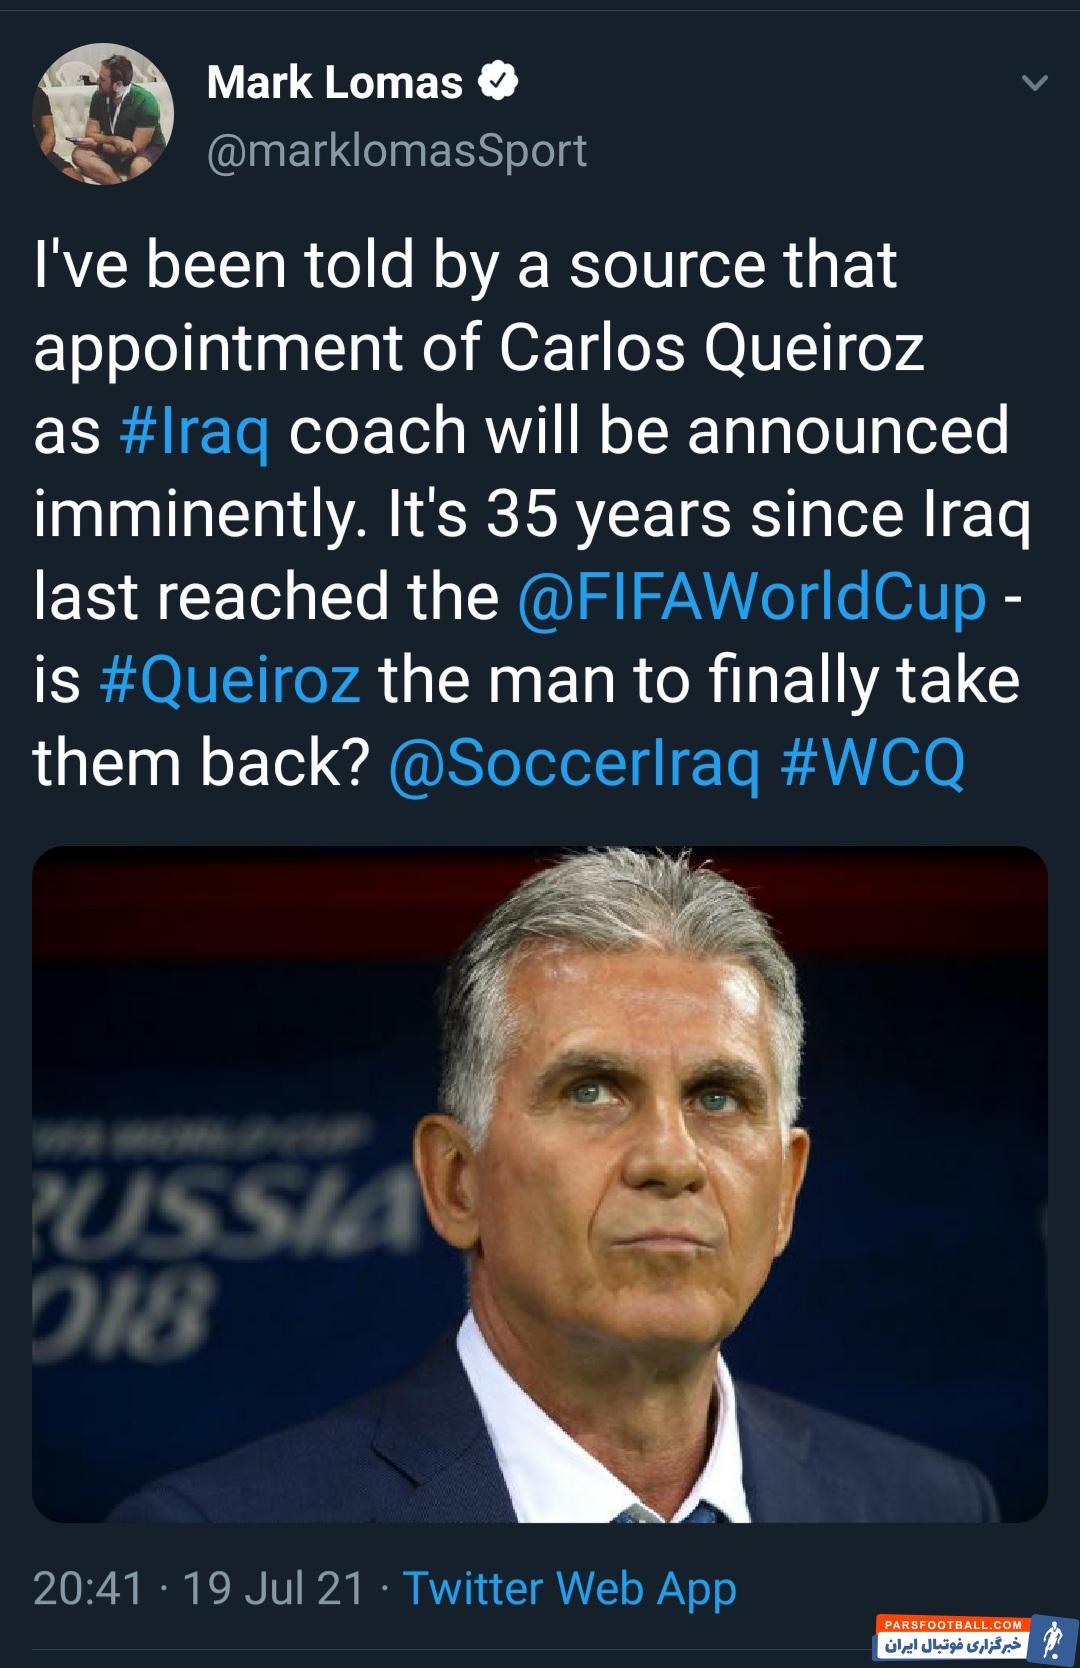 با تایید خبرنگار BBC، کارلوس کی روش نزدیک تر از همیشه به هدایت تیم ملی عراق